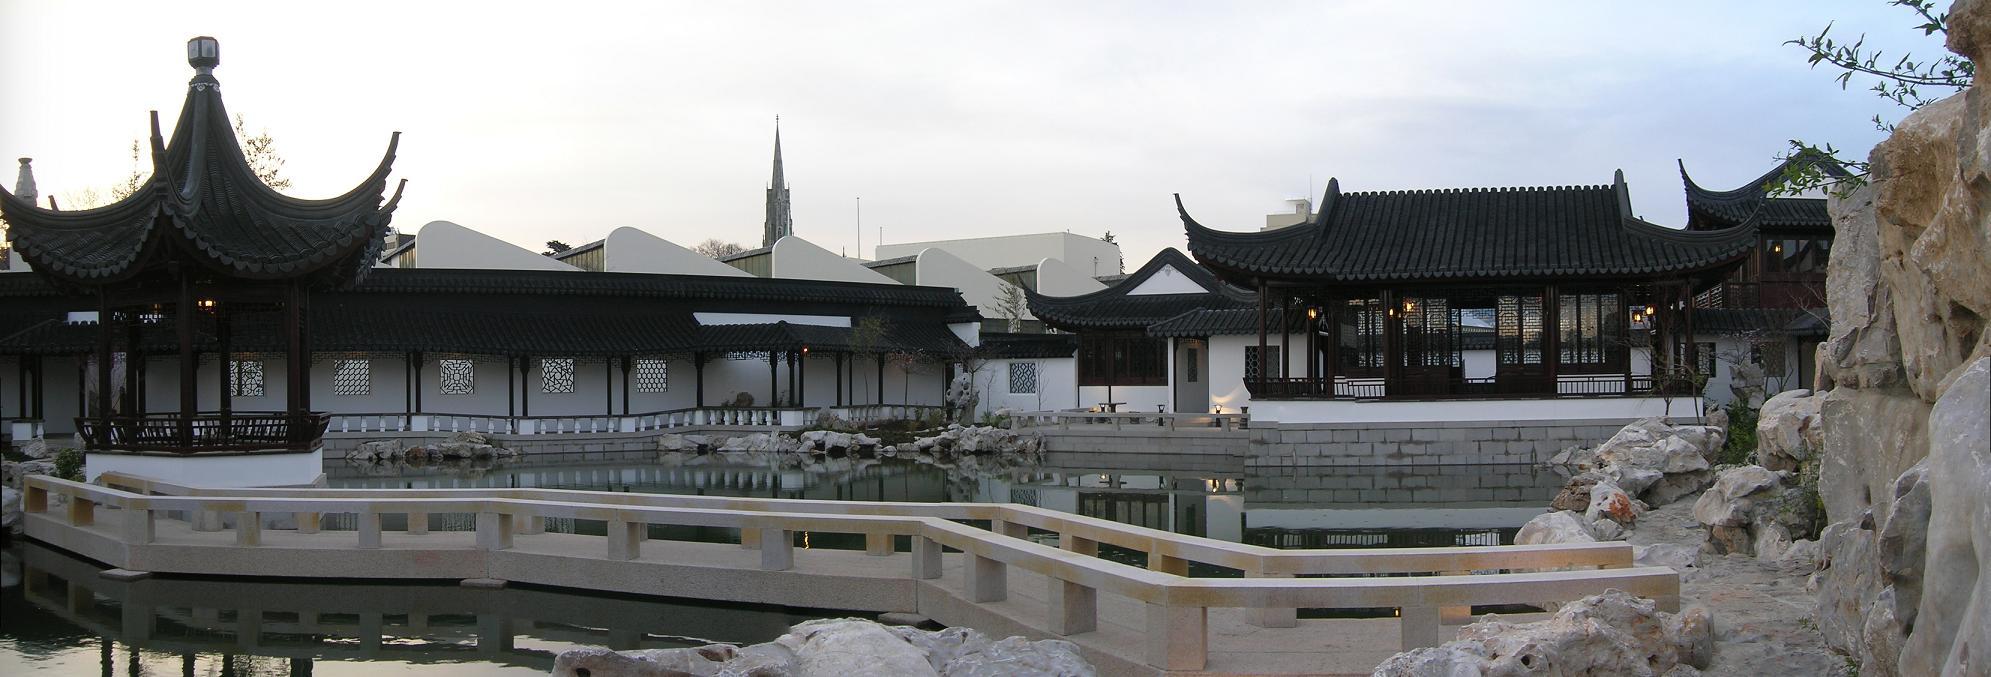 Chinesischer Garten Dunedin